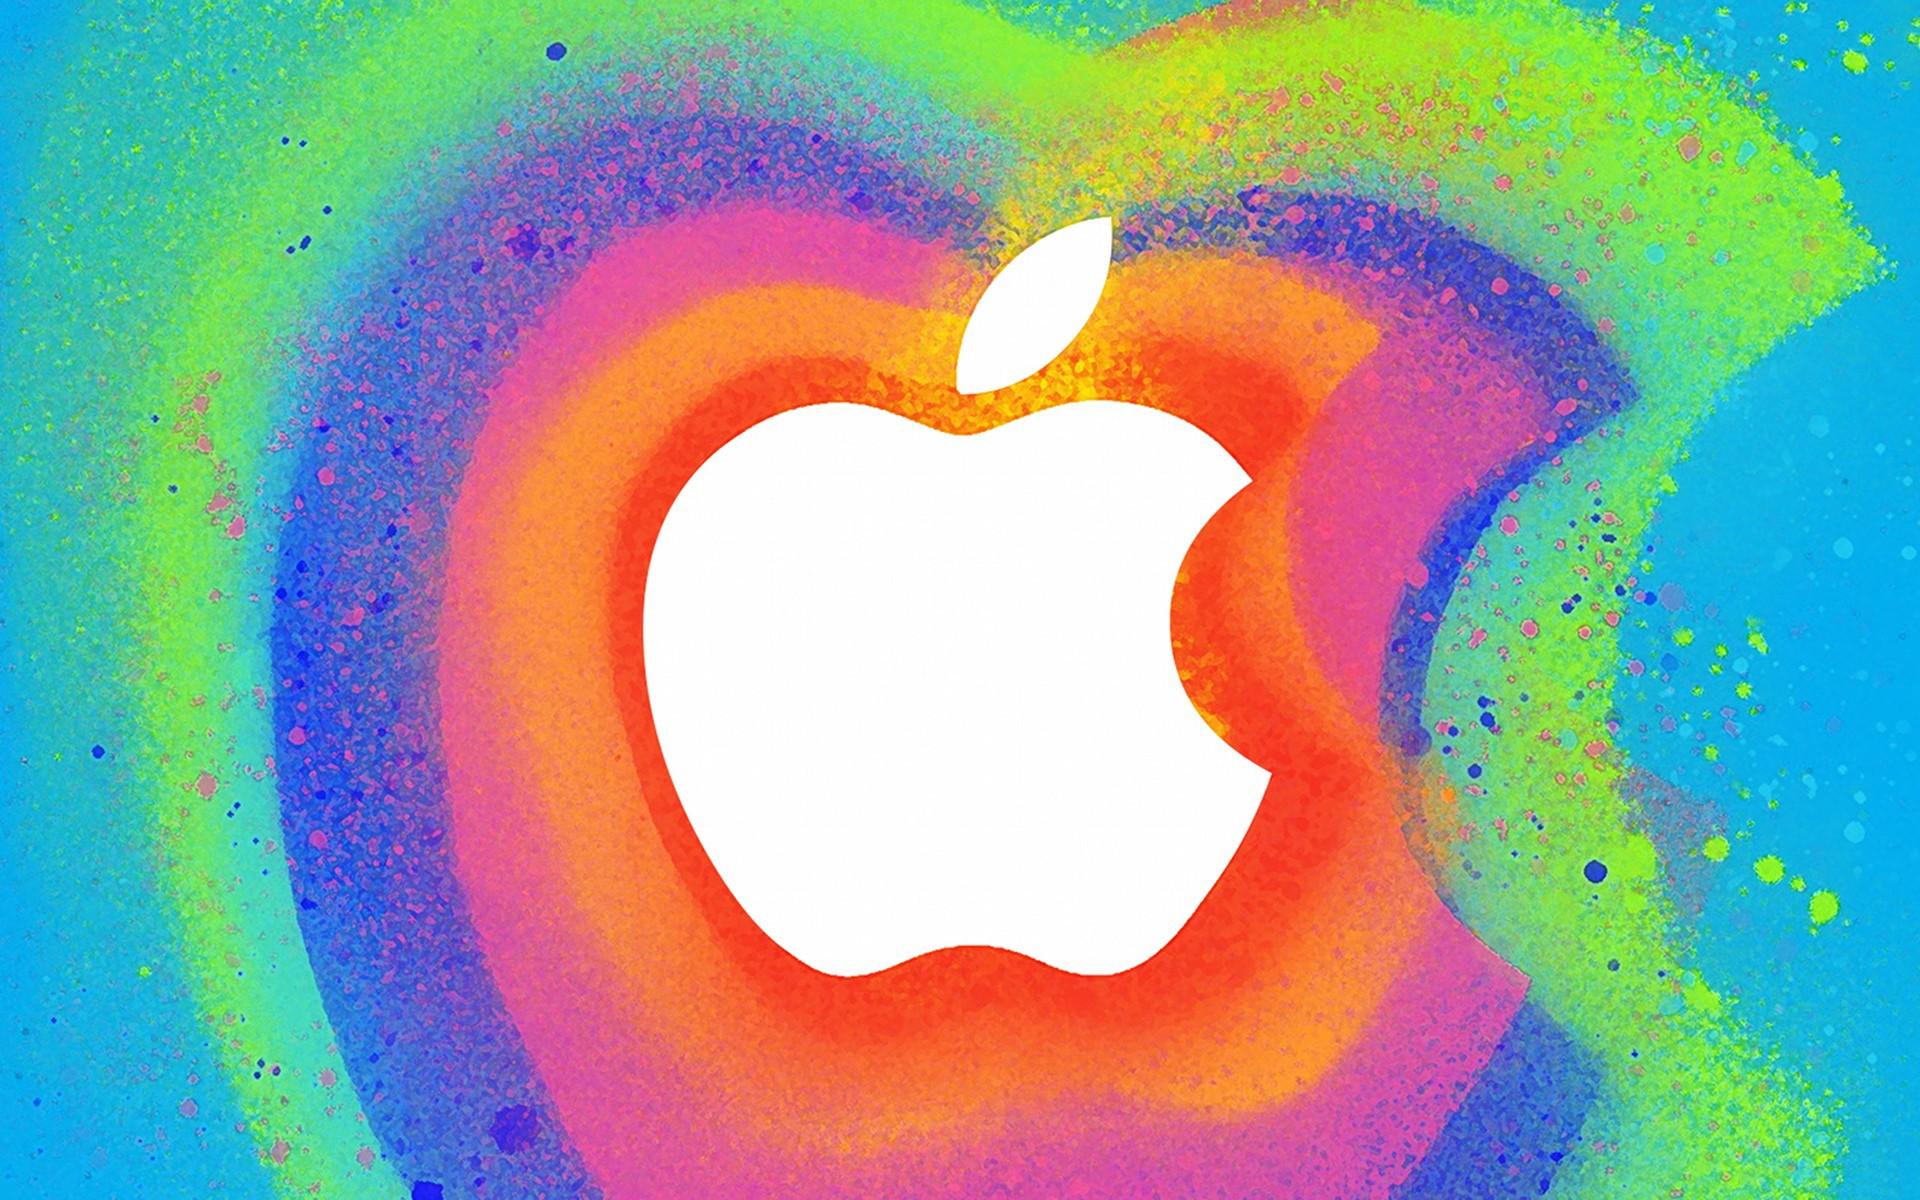 Manzana en colores - 1920x1200